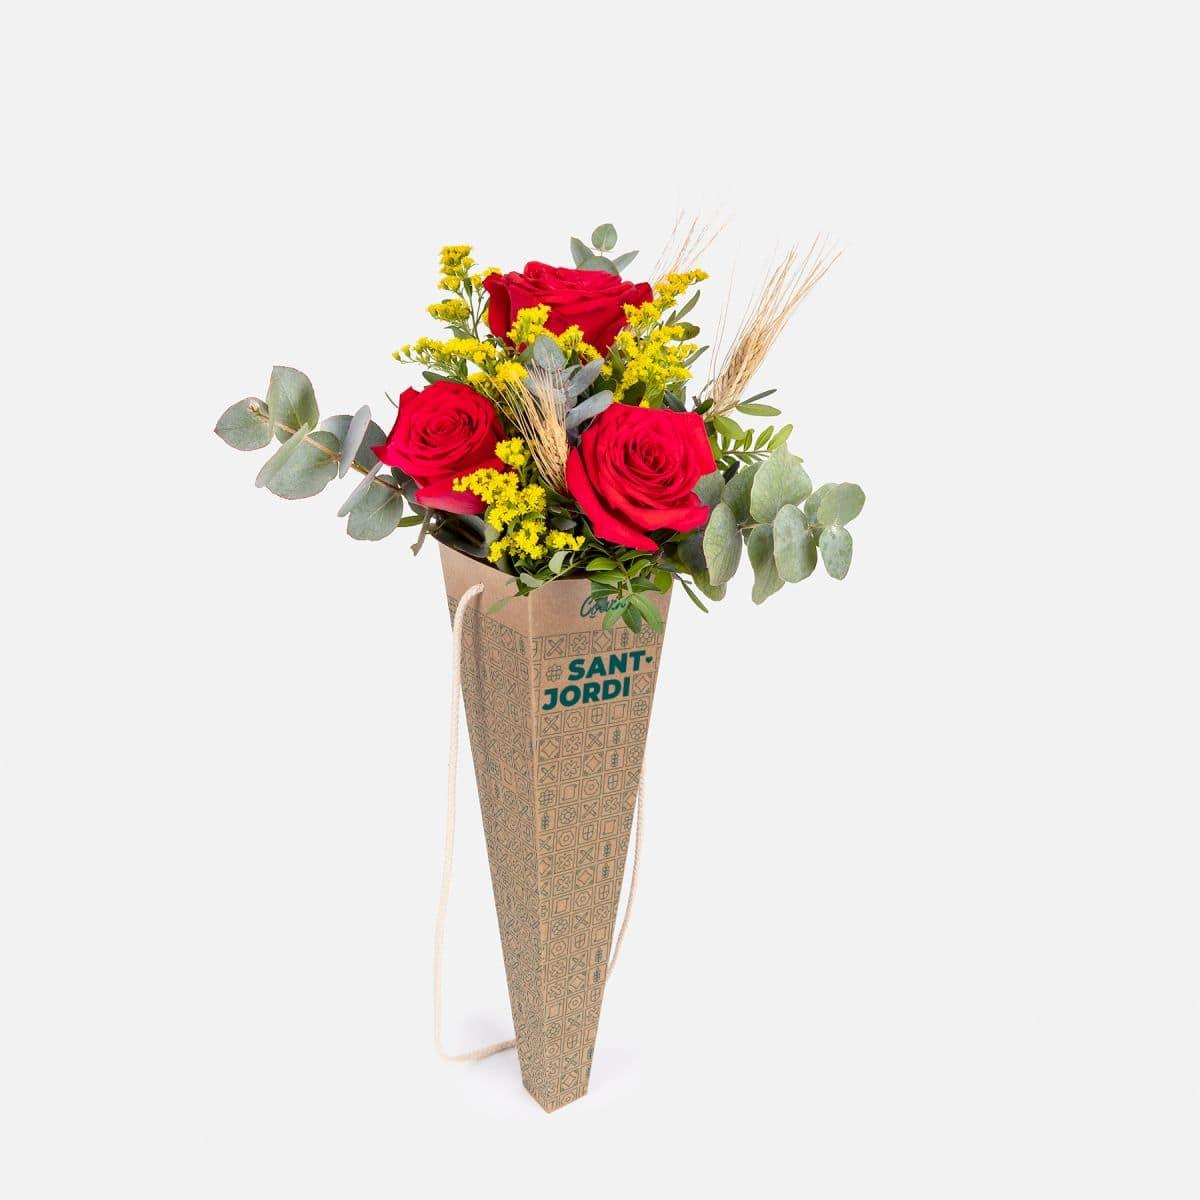 ramo de 3 rosas rojas sant jordi